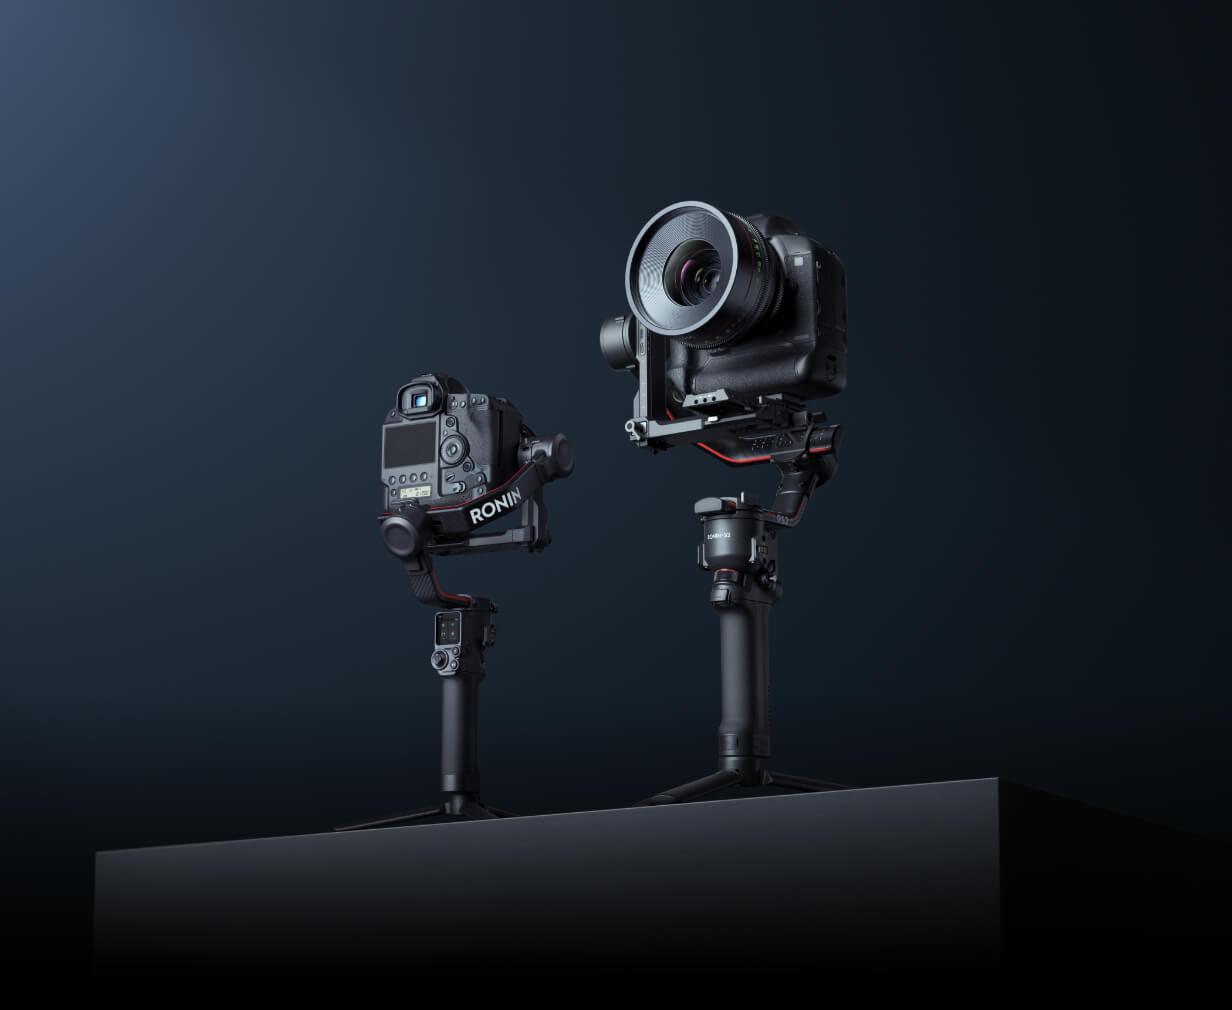 Przywitajcie dwa nowe gimbale DJI - RS 2 oraz RSC 2. Już można je zamawiać